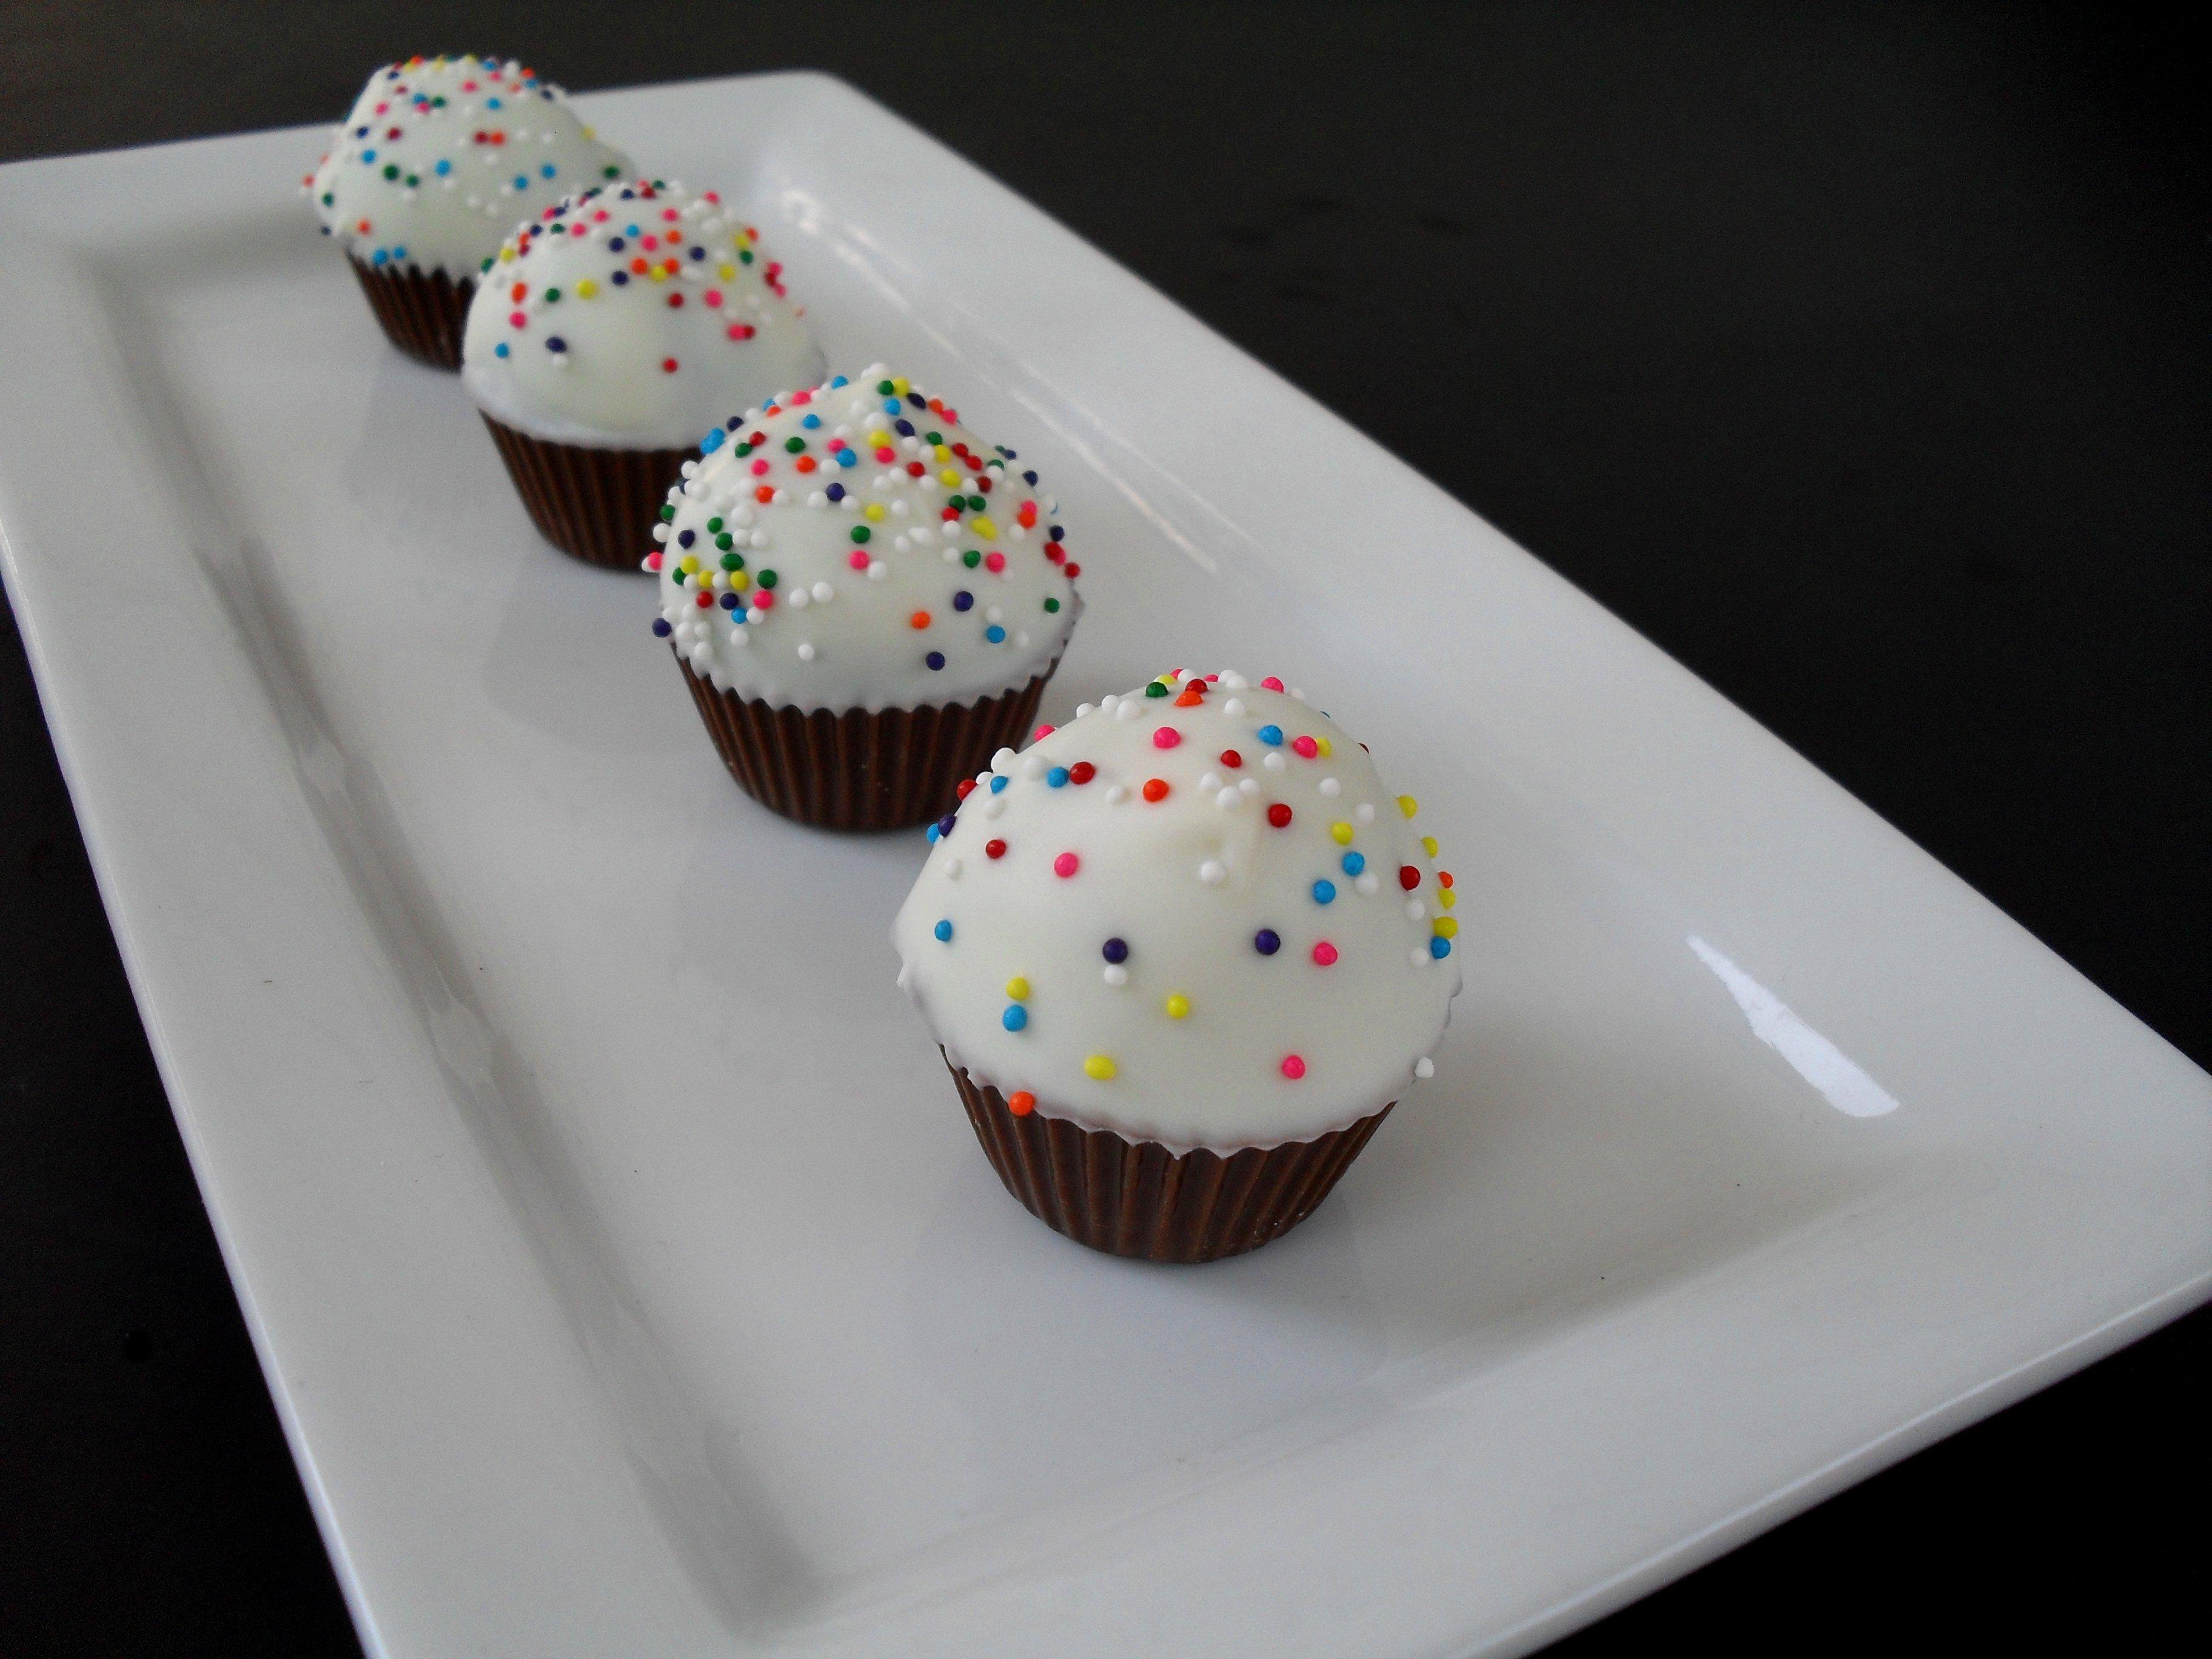 ... cupcake pops and bites cupcake pops cupcake cake bites cupcake pops